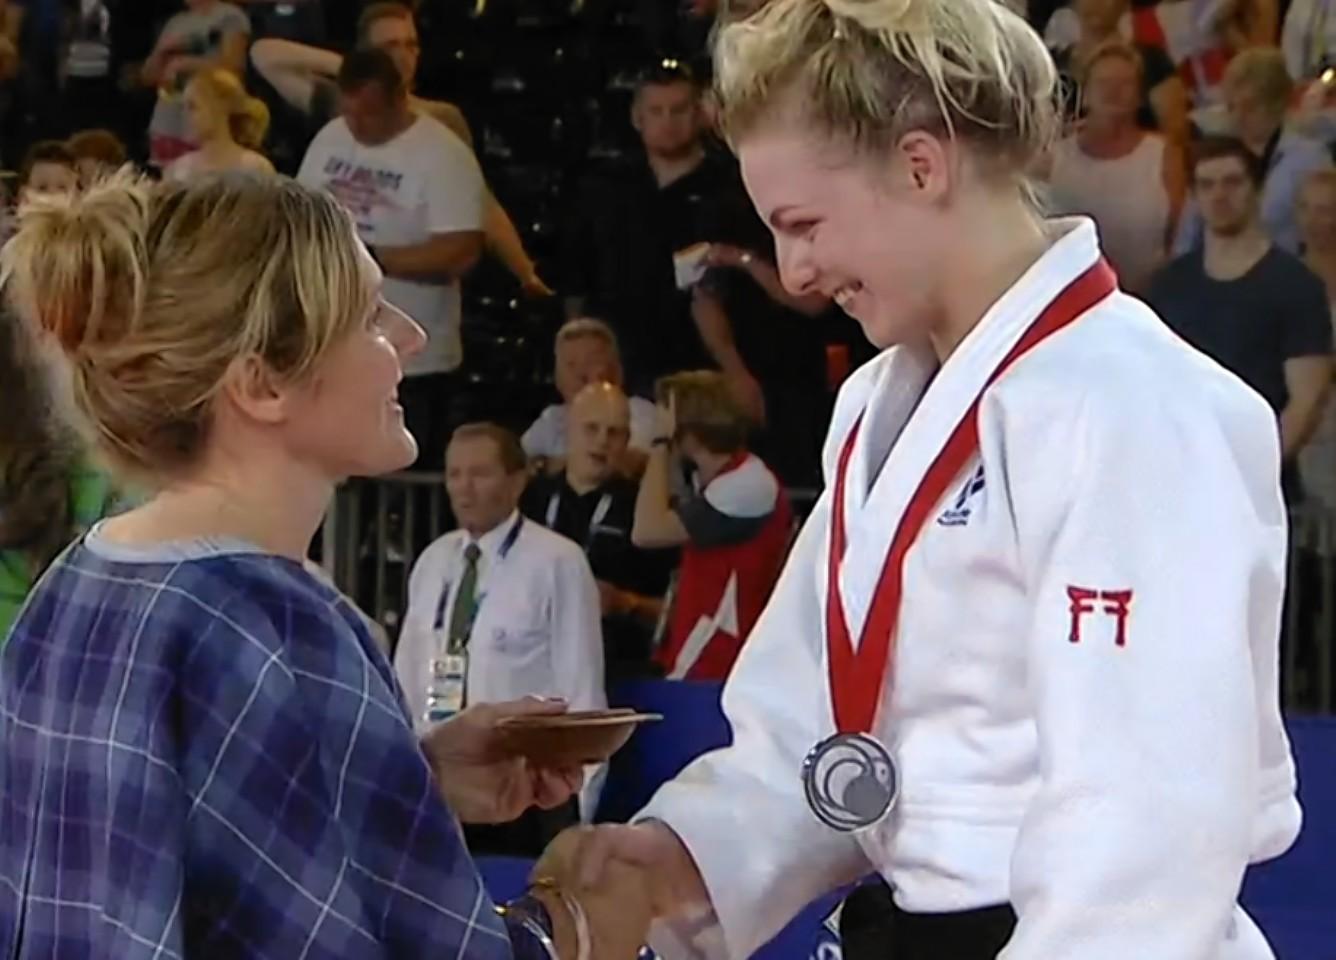 Giấc mơ bỏ dở của Á quân Judo Anh gặp nạn ở VN